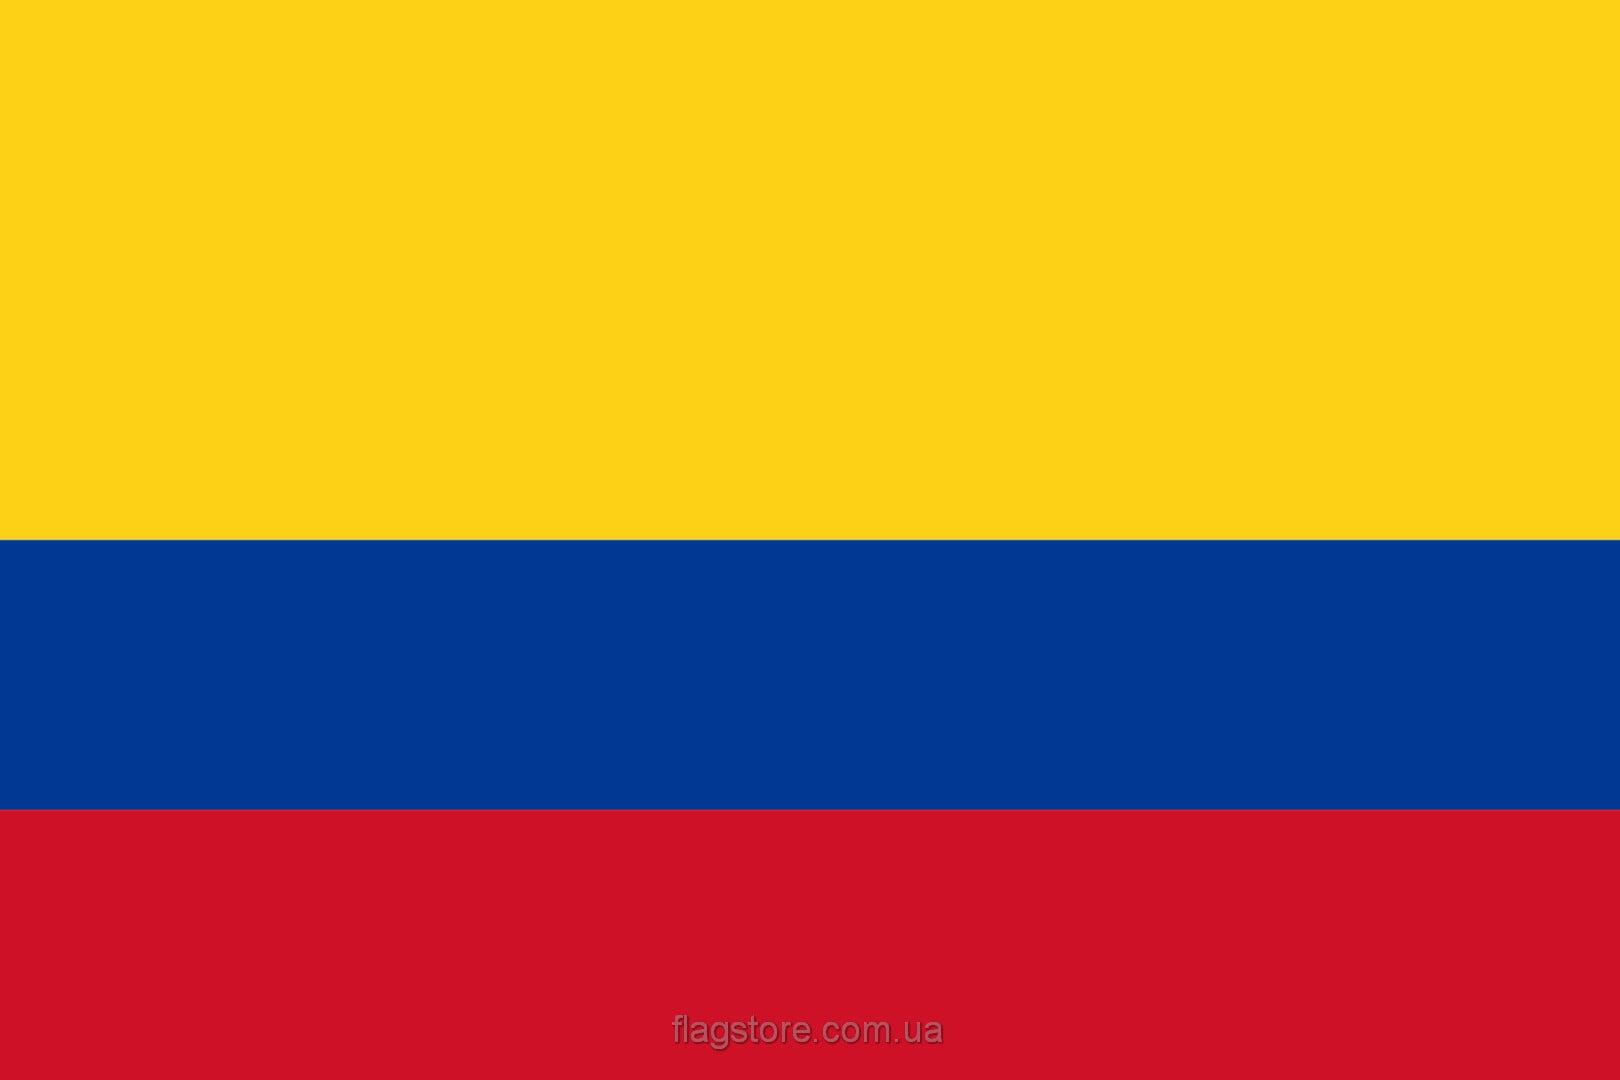 Купить флаг Колумбии (страны Колумбия)